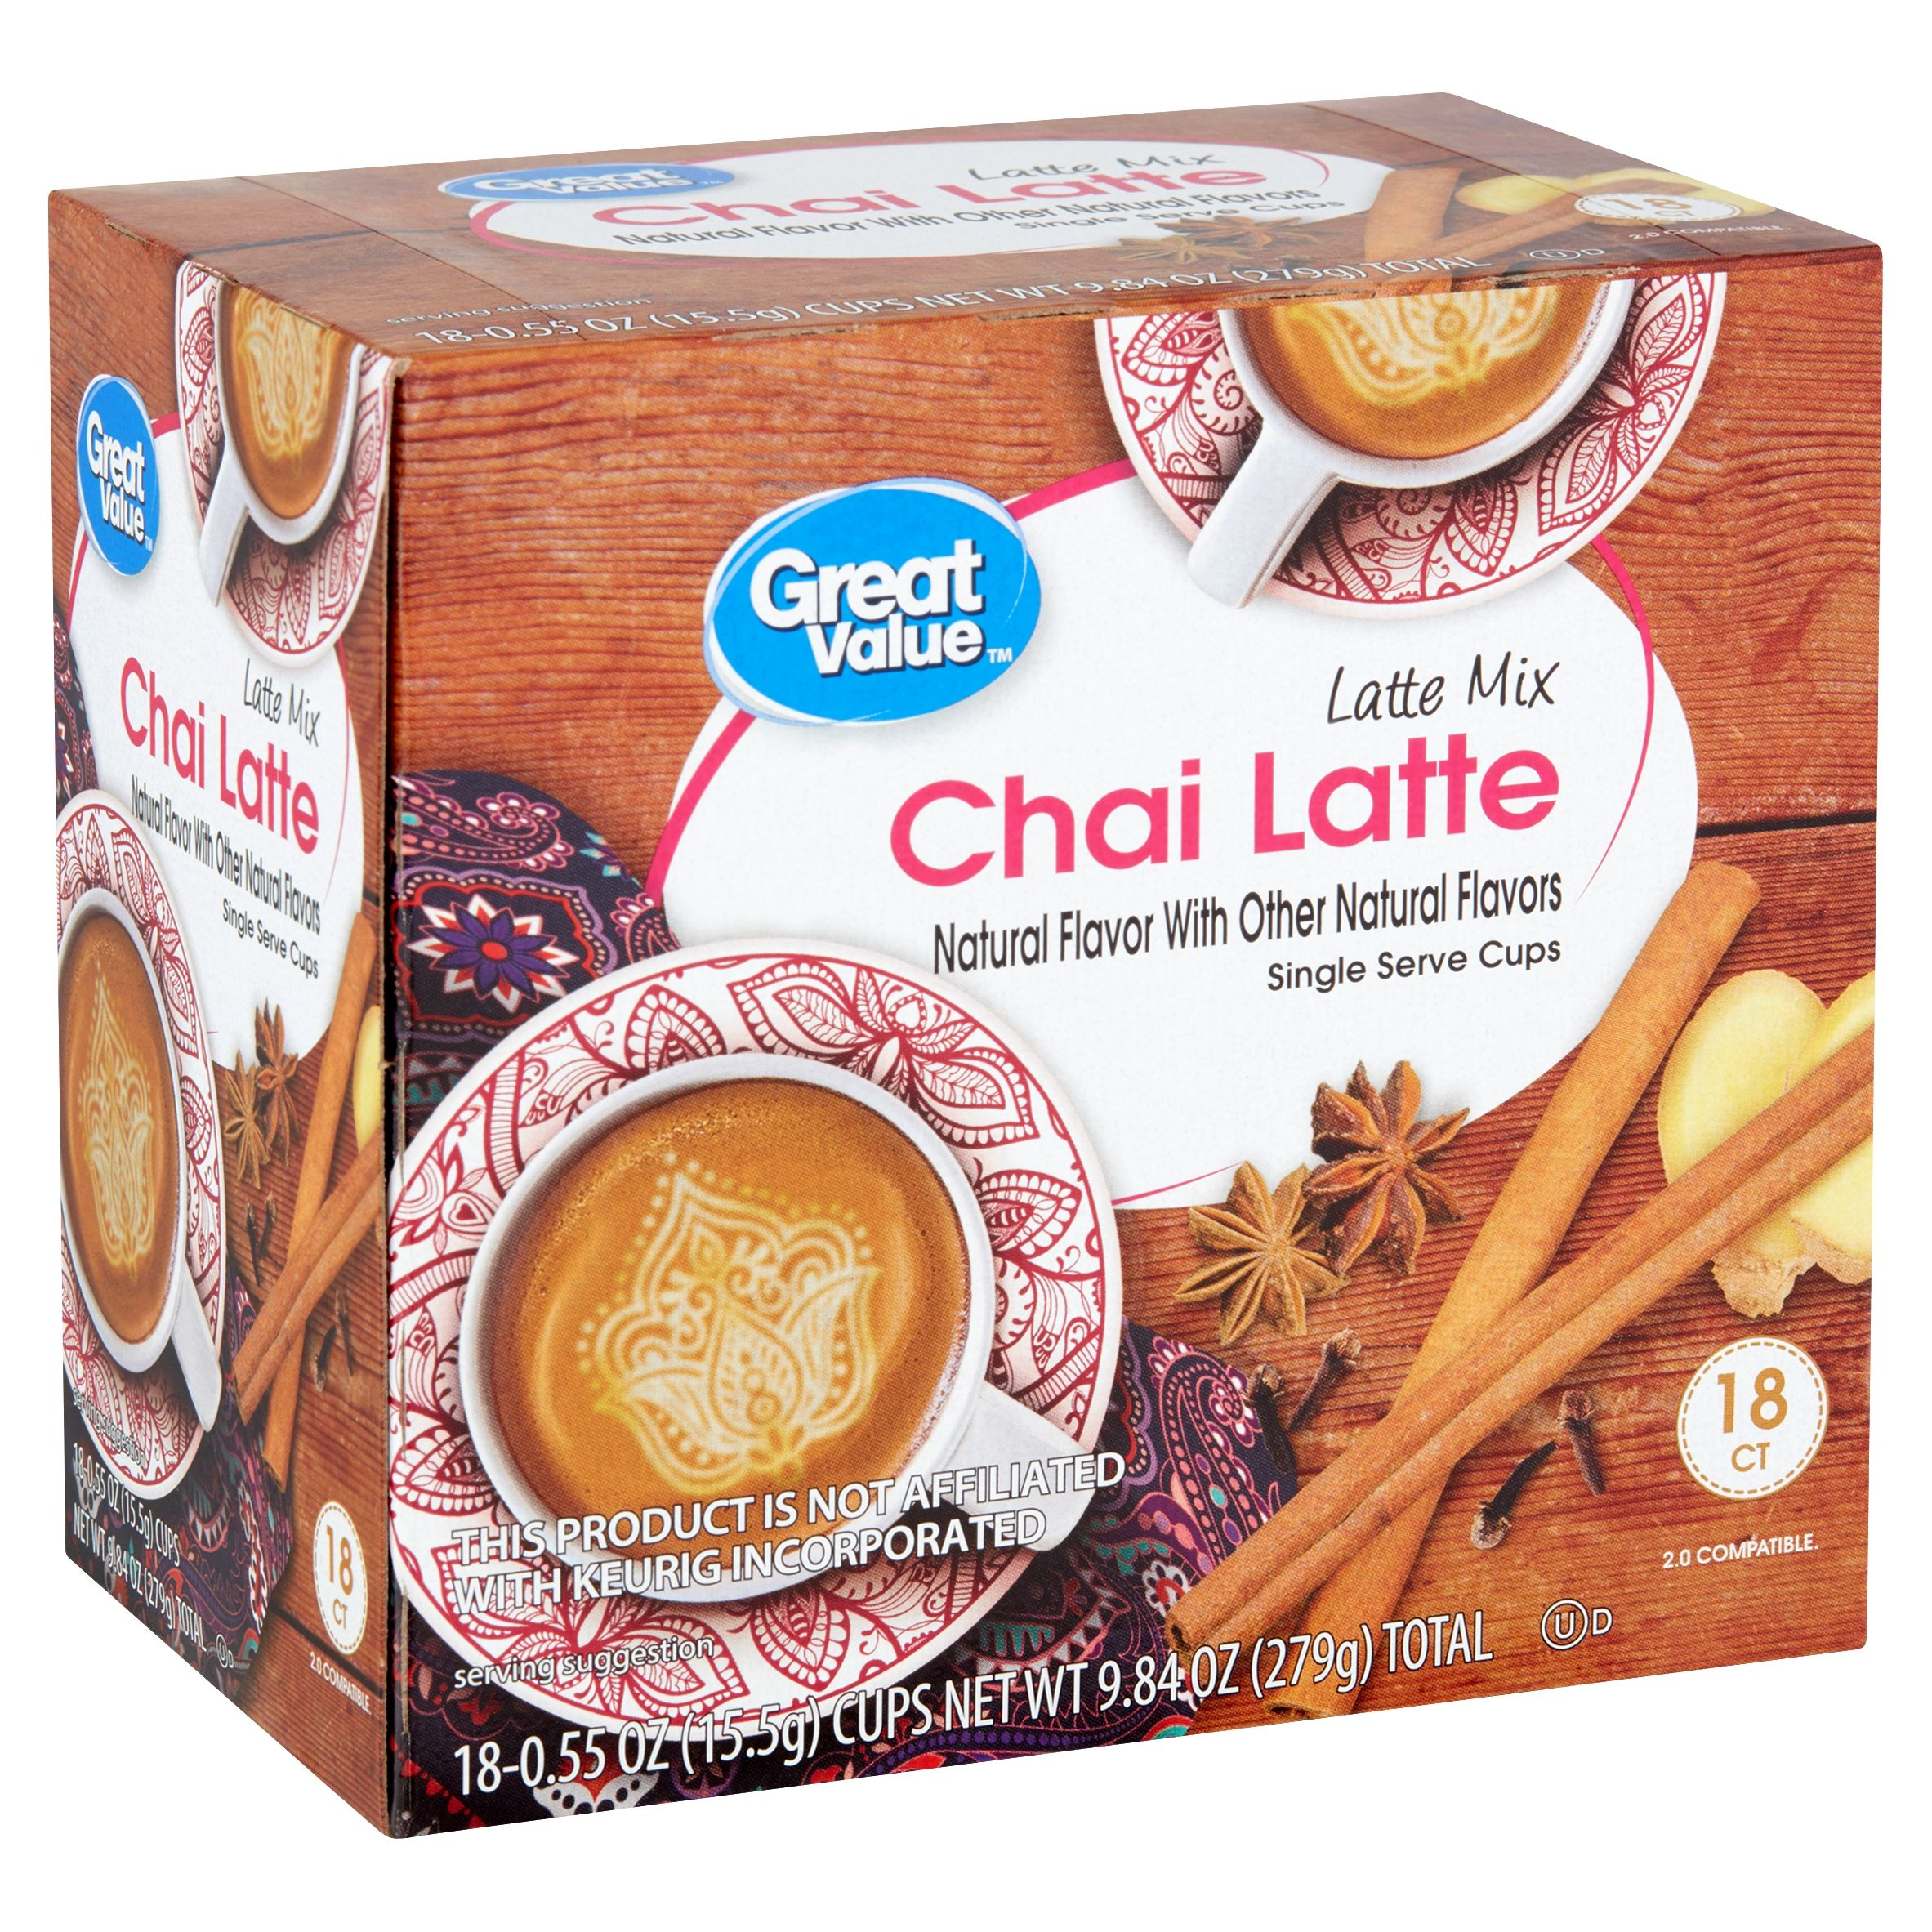 Great Value Chai Latte Mix 0 55 Oz 18 Count Walmart Com Chai Latte Mix Chai Latte Latte Encuentra las mejores ofertas de zanahoria rallada en getafe y los cupones y promociones de tus tiendas favoritas. great value chai latte mix 0 55 oz 18